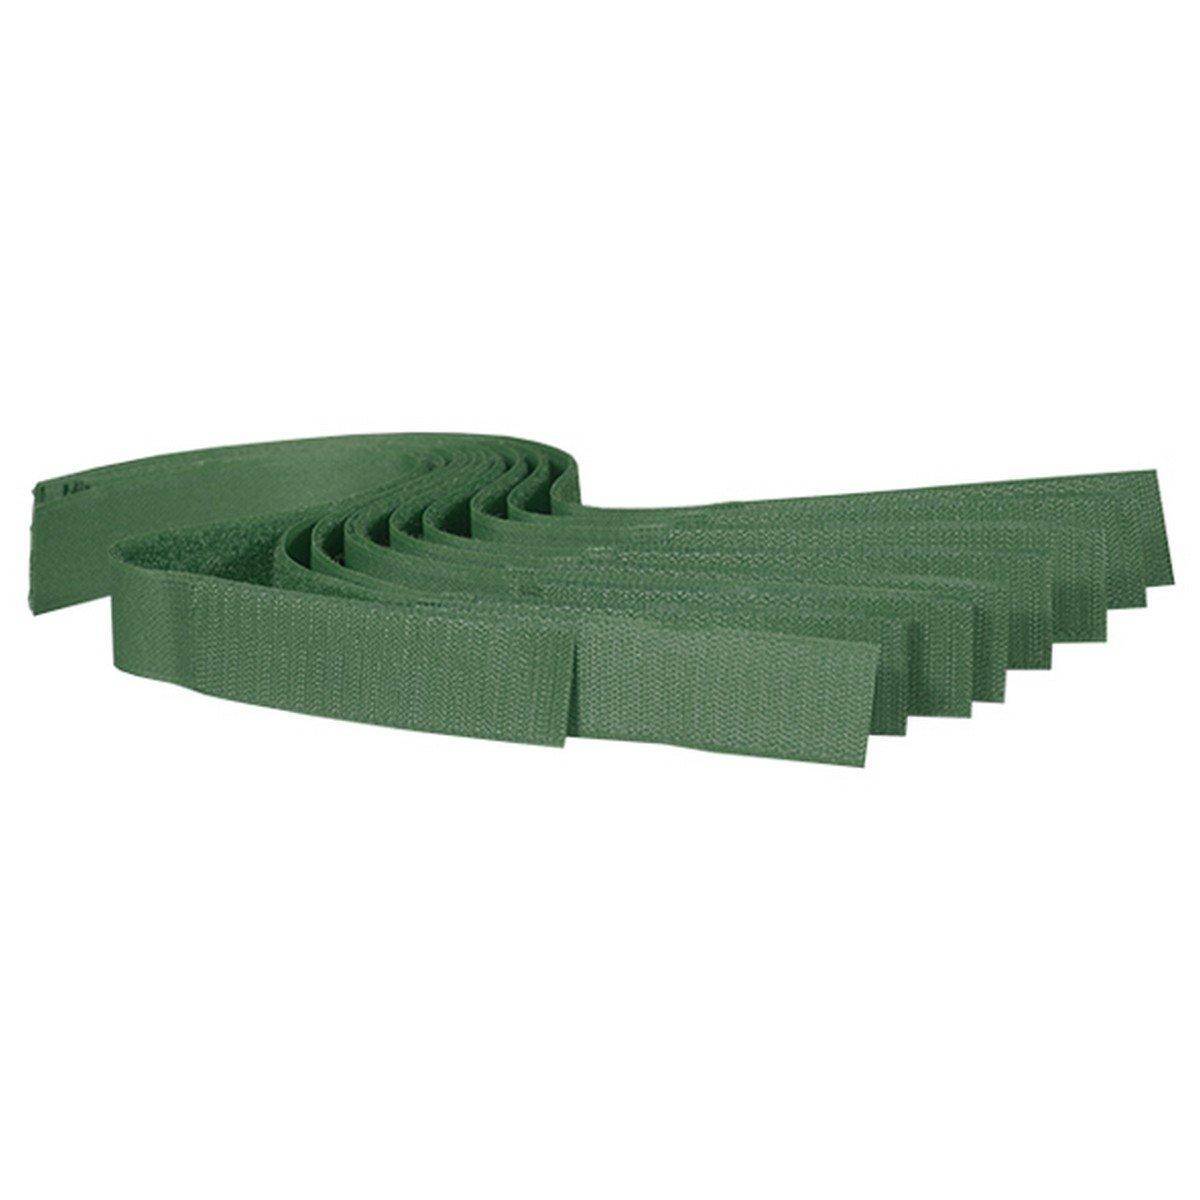 Afbeelding van a.s Koeherkenningsbandjes Velcro Groen